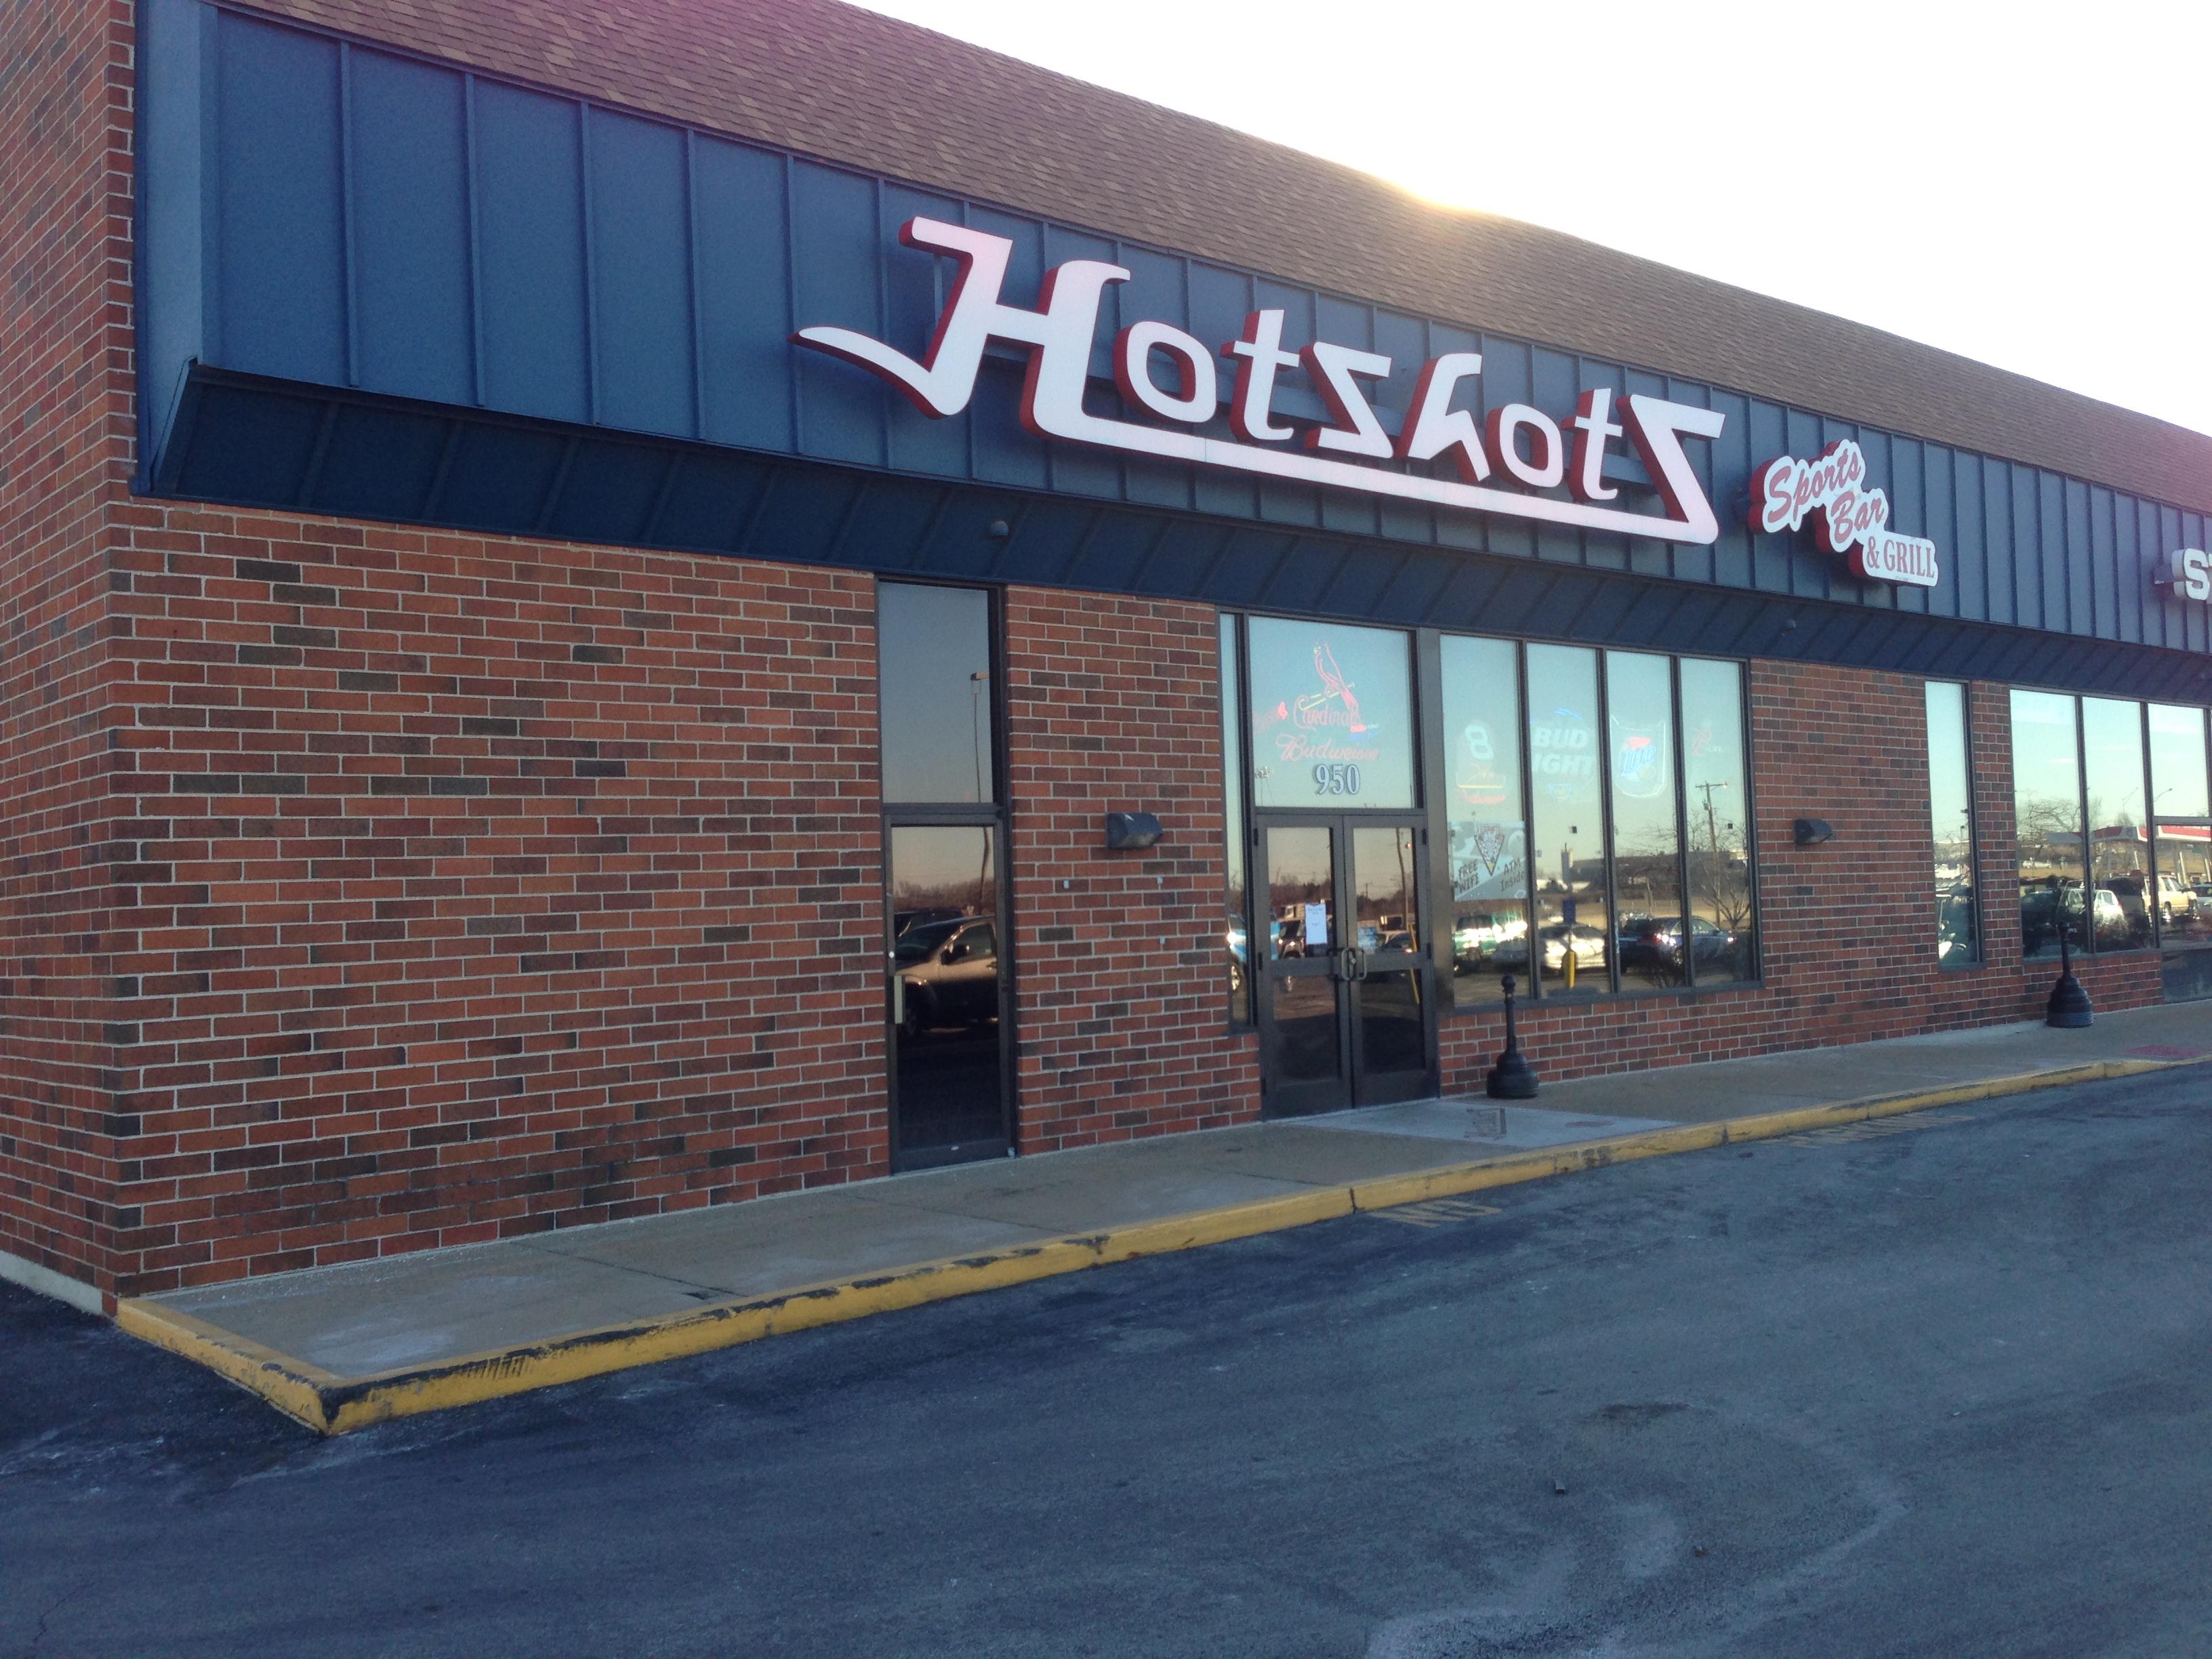 Hotshots Sports Bar & Grill, Fenton MO